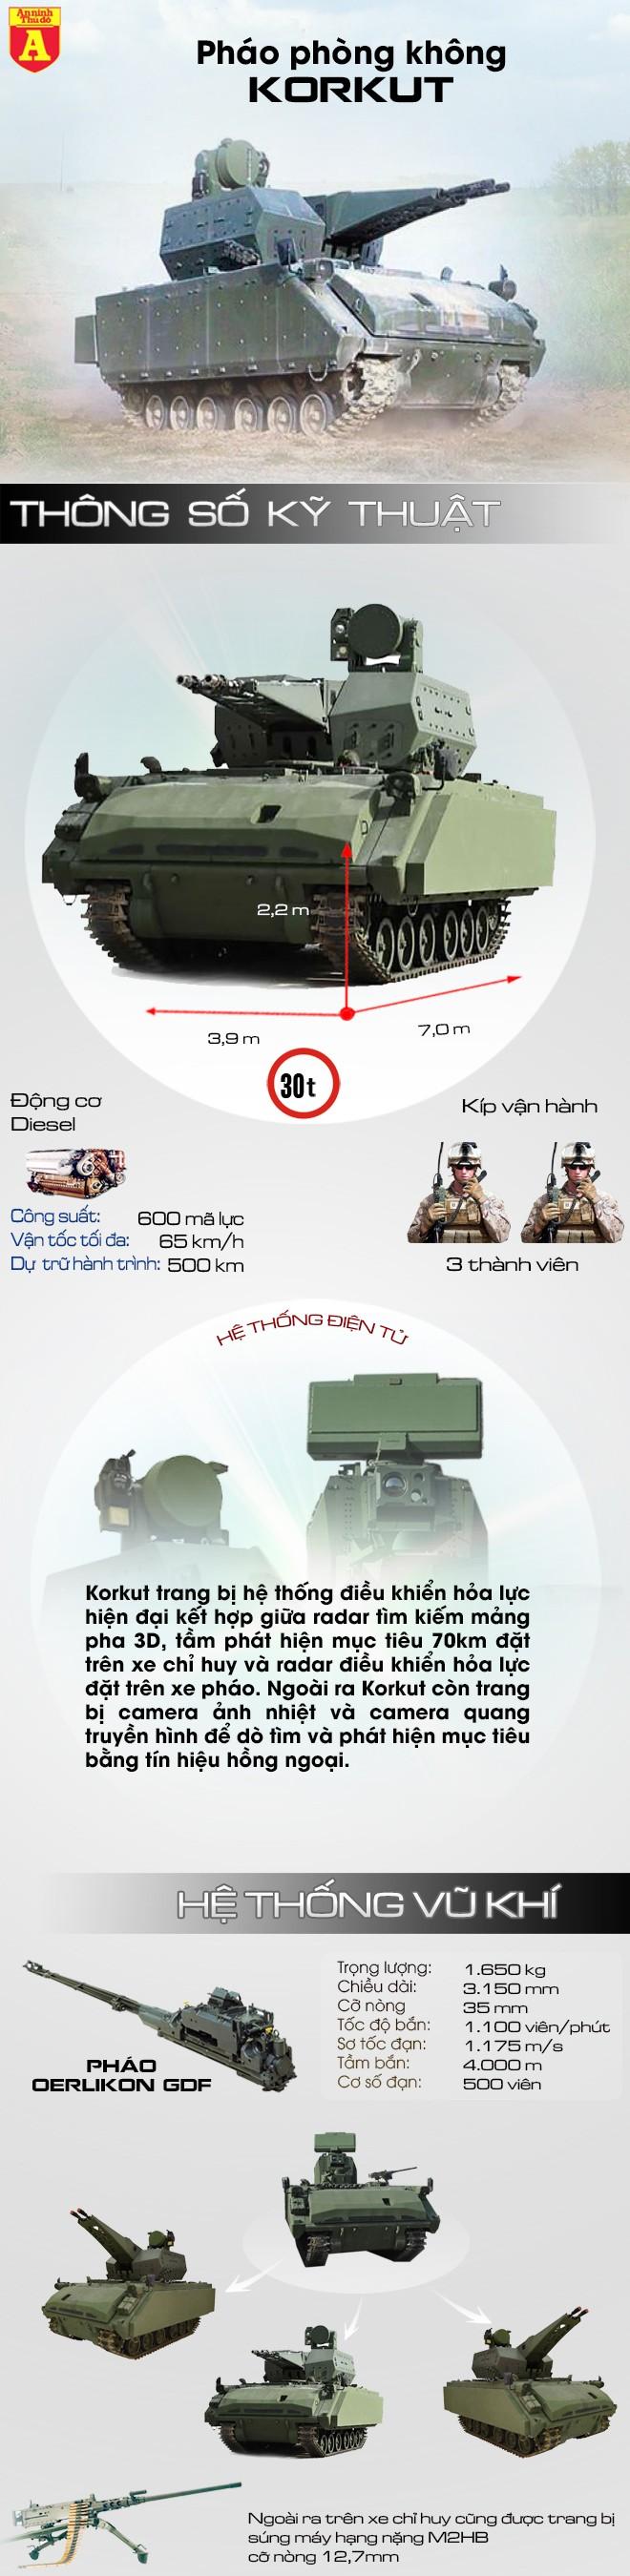 [Infographic] Korkut-Hệ thống pháo phòng không vượt mặt cả Nga lẫn Mỹ, được tung vào cuộc chiến chống IS ảnh 2